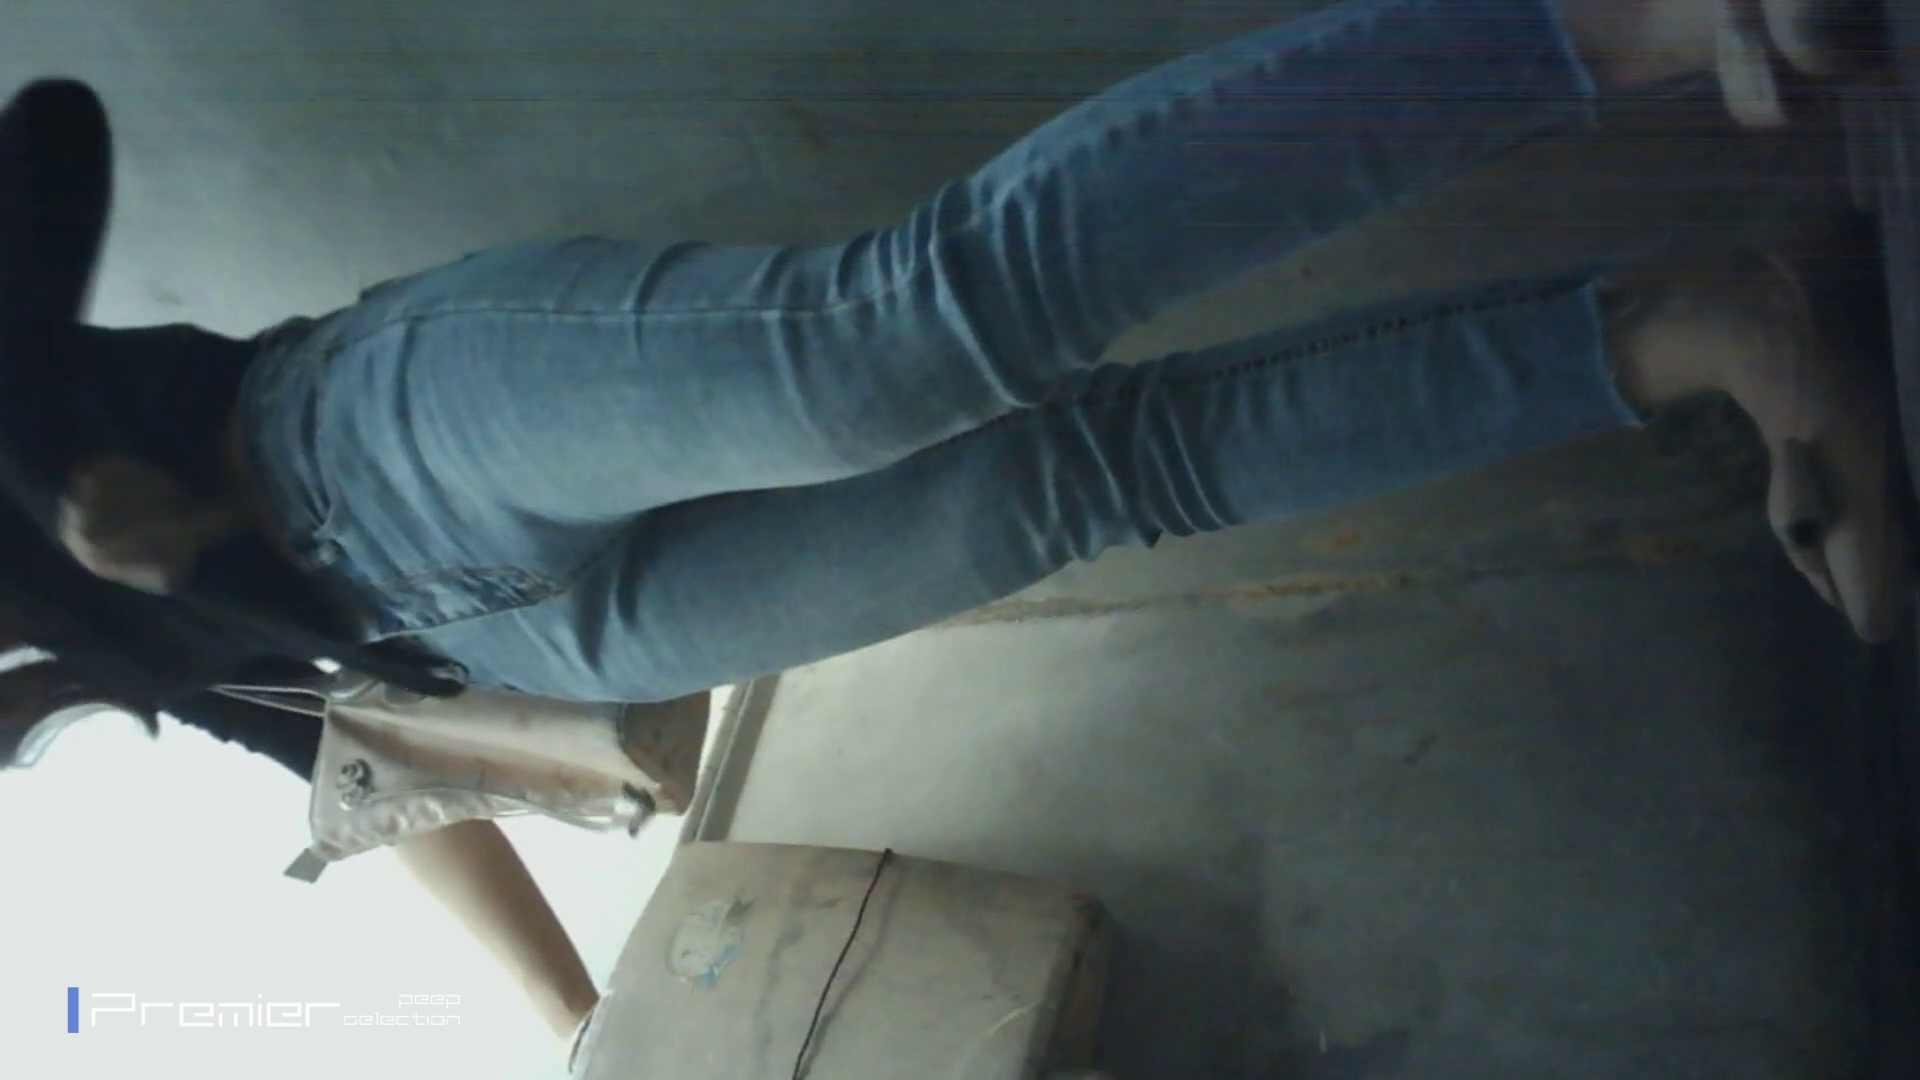 黒髪ギャル! トイレシーンを密着盗撮!! 美女の痴態に密着!Vol.23 細身女性 アダルト動画キャプチャ 77画像 17